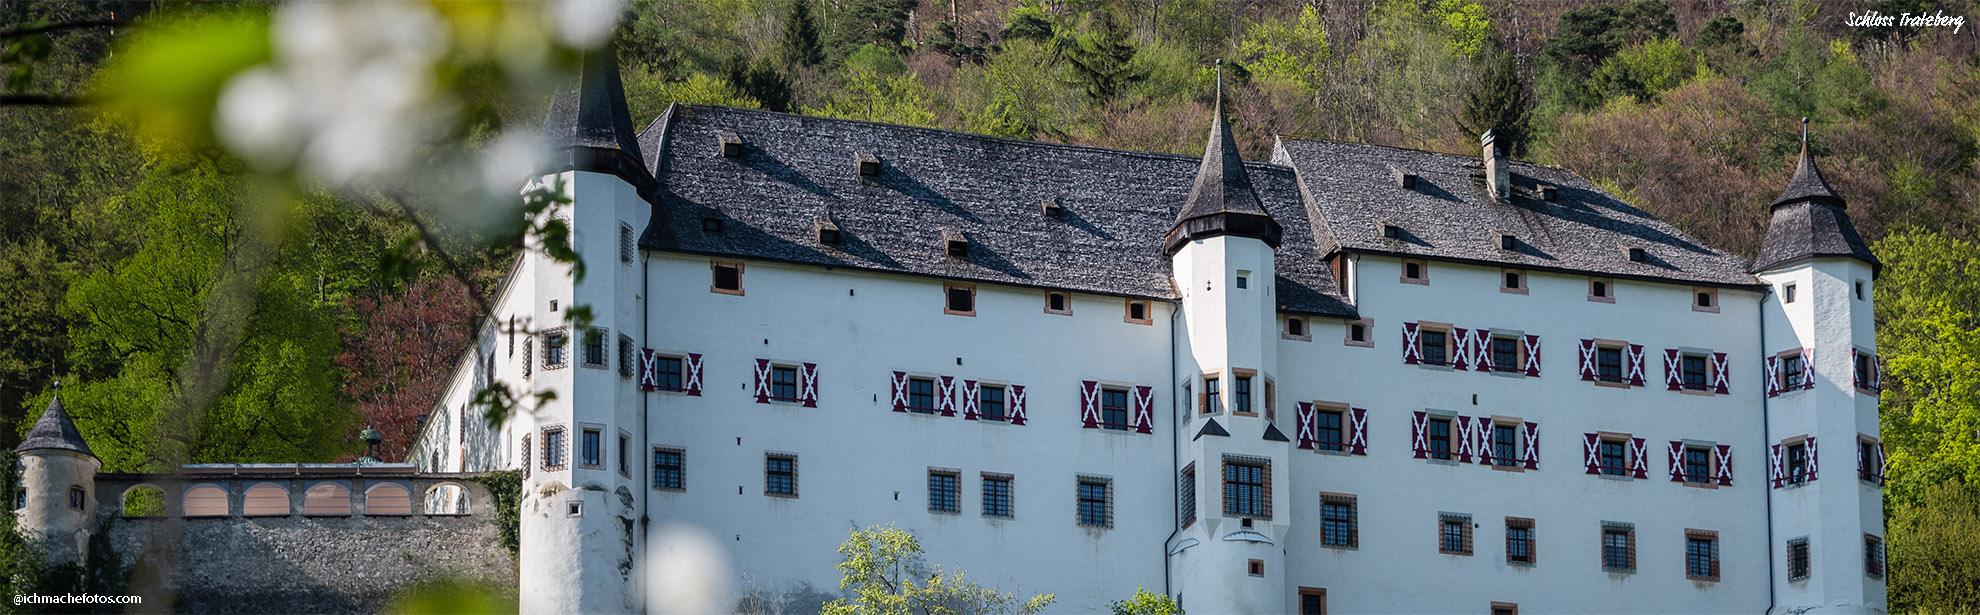 Oichmachefotoscom_Schloss-Tratzberg_007_180419